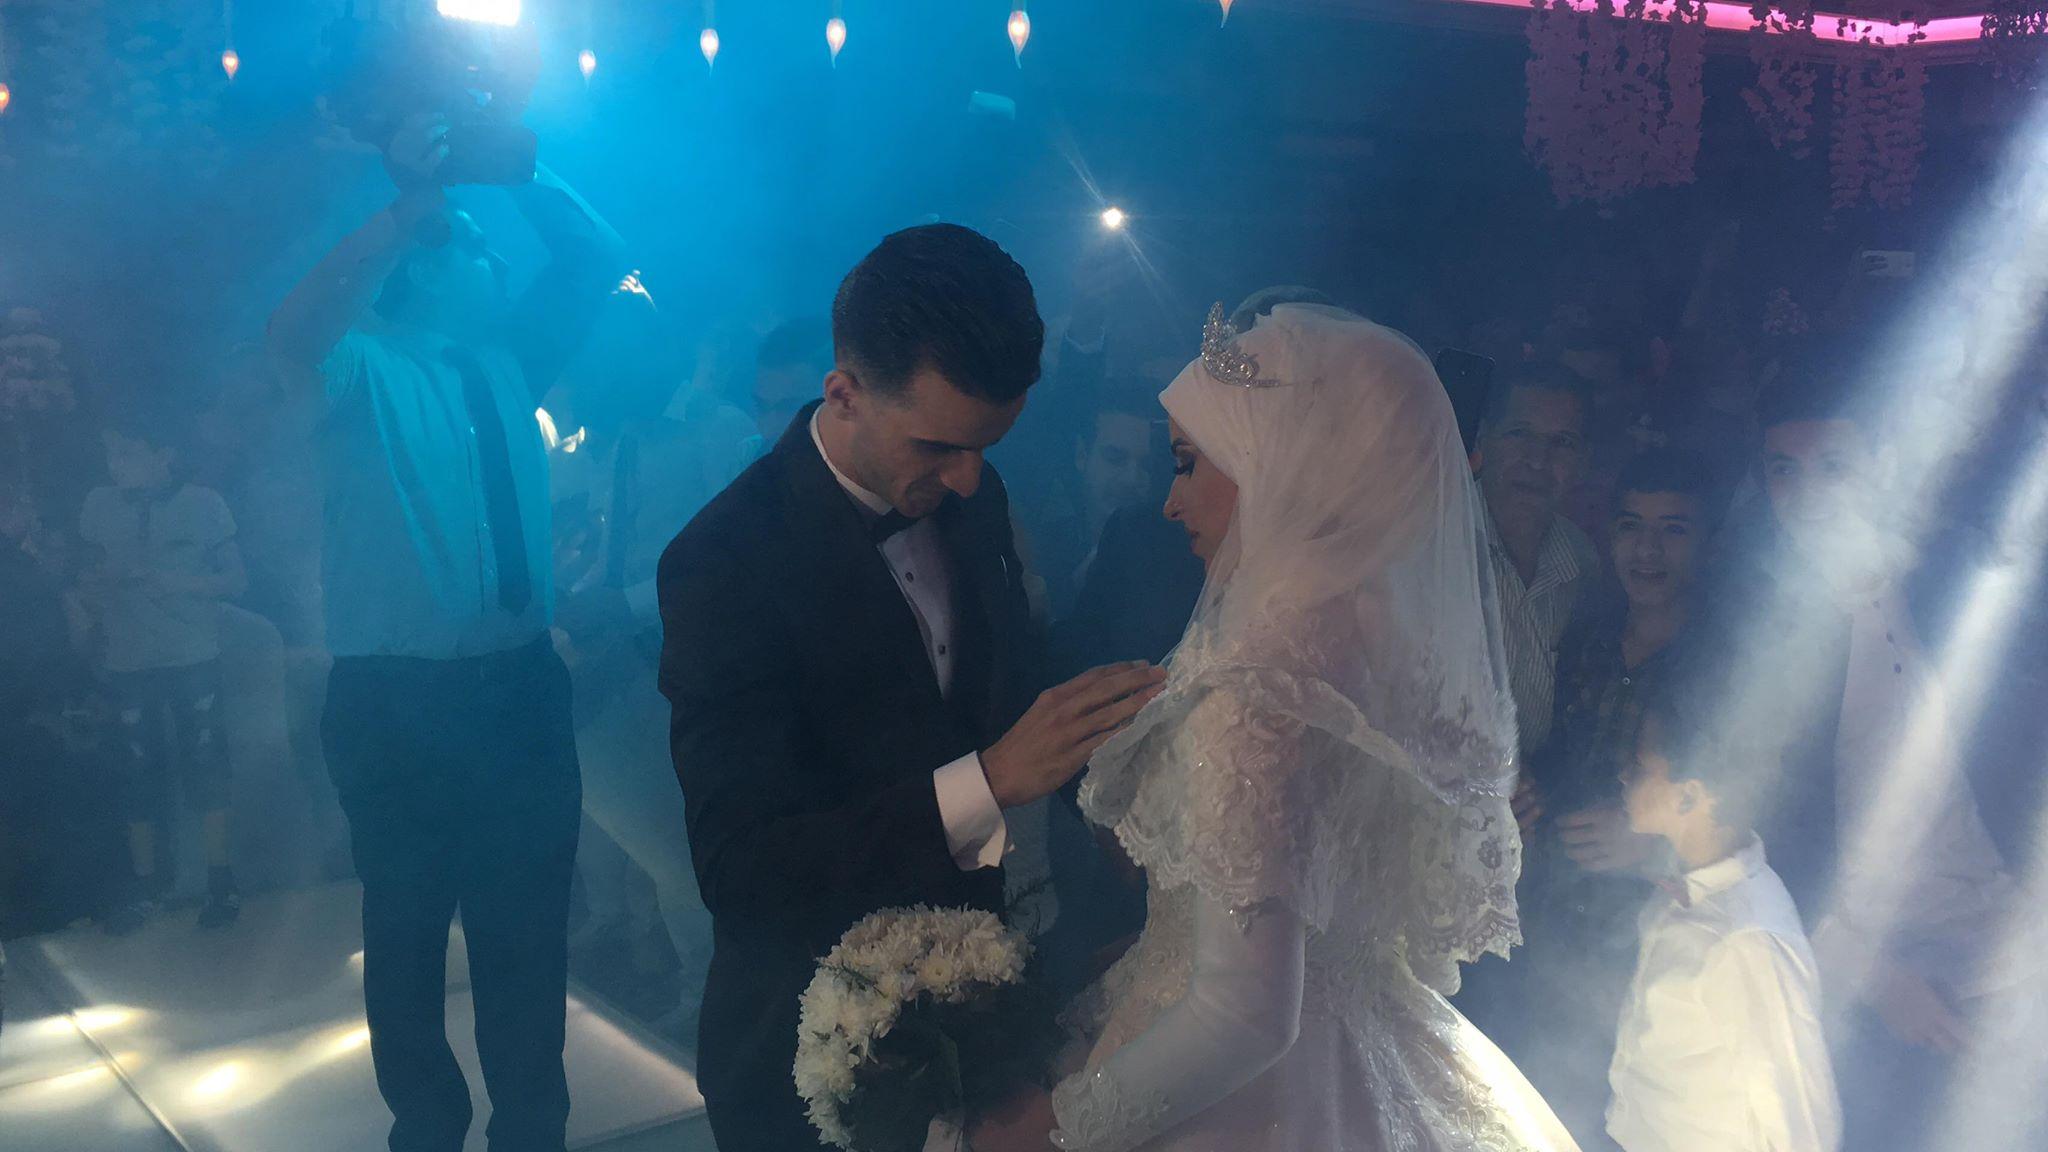 دونجا يحتفل بحفل زفافه (3)